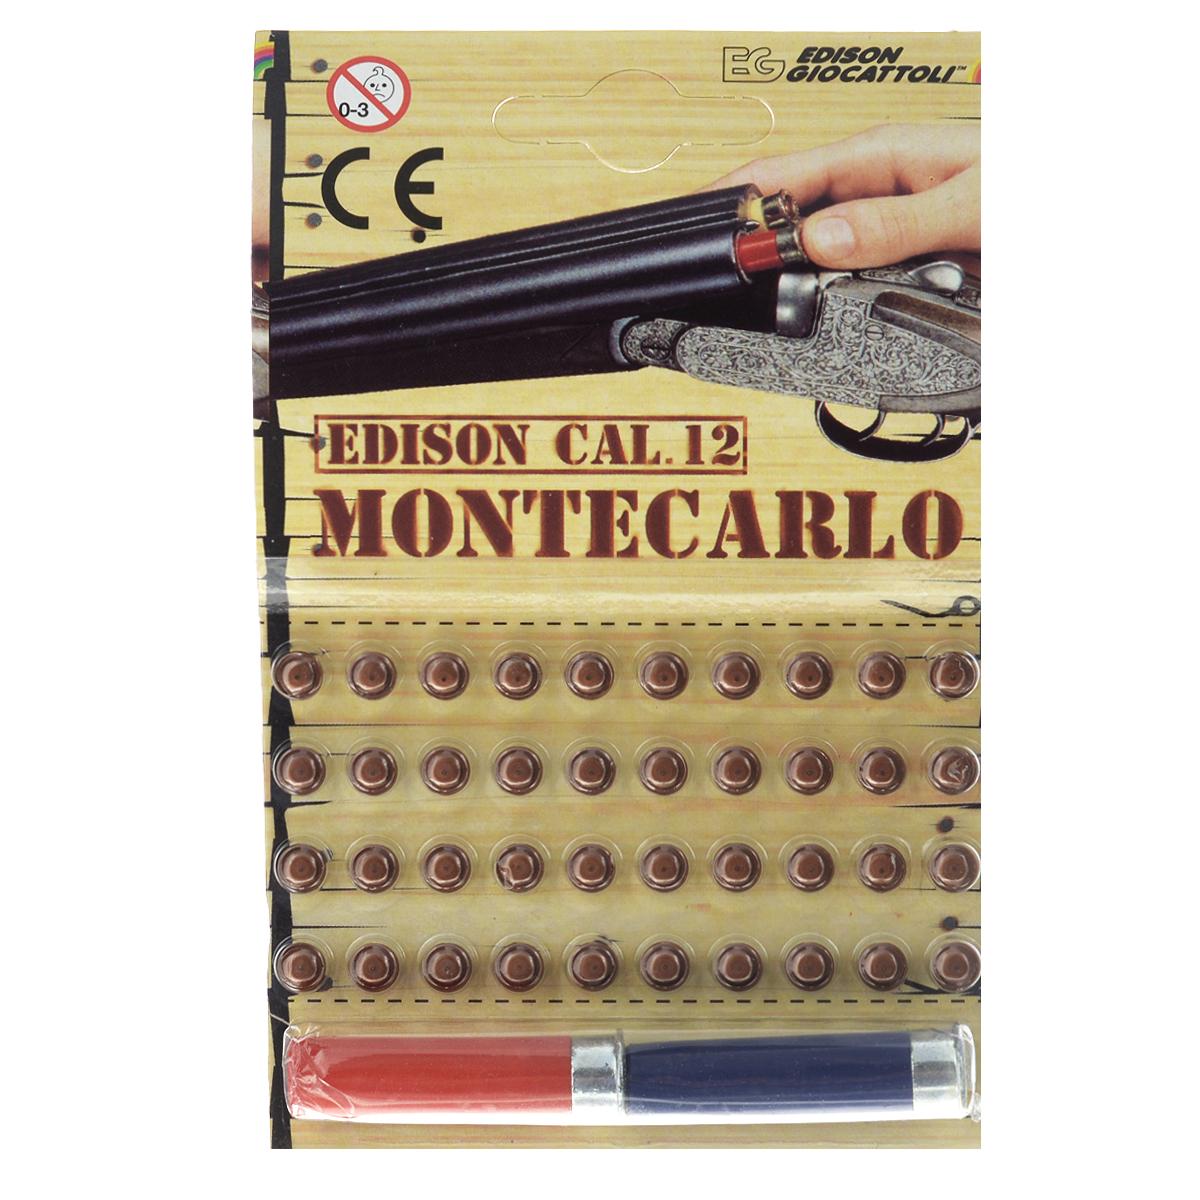 Пистоны Montecarlo, с 2 гильзами, 40 шт5040/46Пистоны из набора Montecarlo сделают выстрелы из игрушечного оружия более реалистичными. Пистоны предназначены для ружья или винтовок, предусматривающих в использовании гильзы. В набор входят 40 пистонов и 2 гильзы. Edison Giocattoli - итальянский производитель игрушечного оружия для социально-ролевых игр, развивающих в детях чувство справедливости, мышление, логику и активность. Все игрушки этого бренда изготовлены из безопасных для здоровья детей материалов. УВАЖАЕМЫЕ КЛИЕНТЫ! Обращаем ваше внимание на возможные изменения в дизайне товара. Поставка осуществляется в зависимости от наличия на складе.